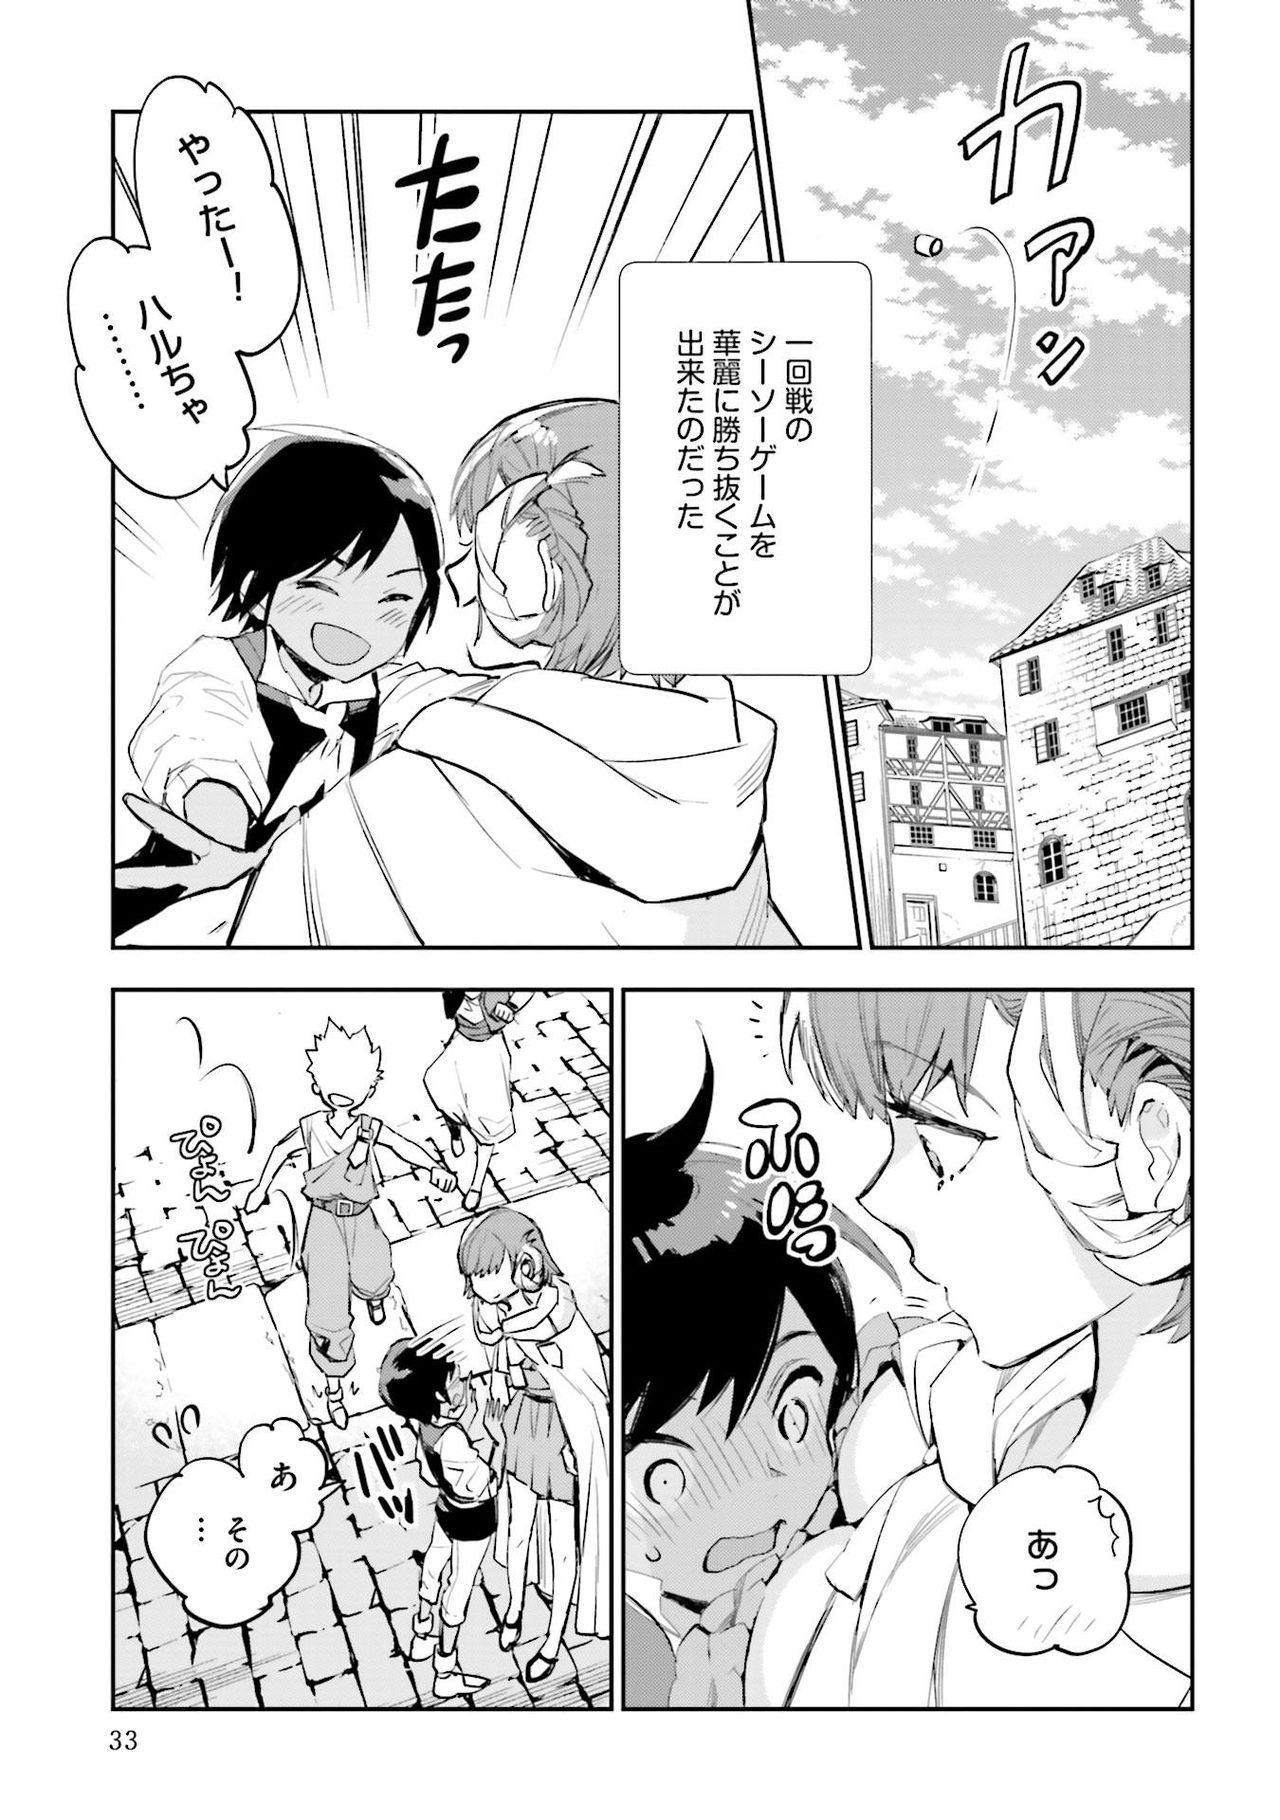 JK Haru wa Isekai de Shoufu ni Natta 1-14 392